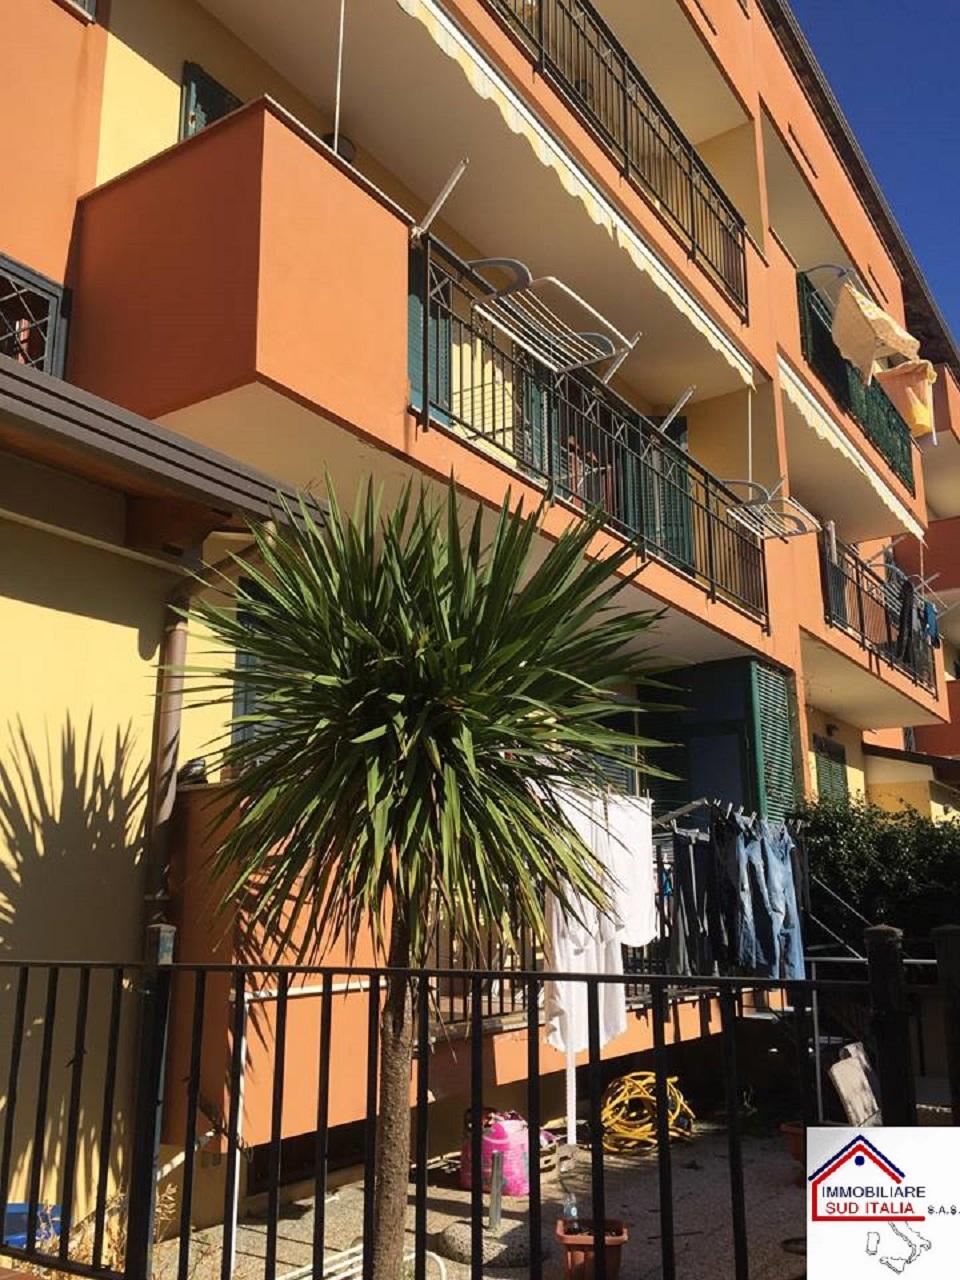 Appartamento in vendita a Giugliano in Campania, 3 locali, zona Zona: Licola, prezzo € 150.000   CambioCasa.it